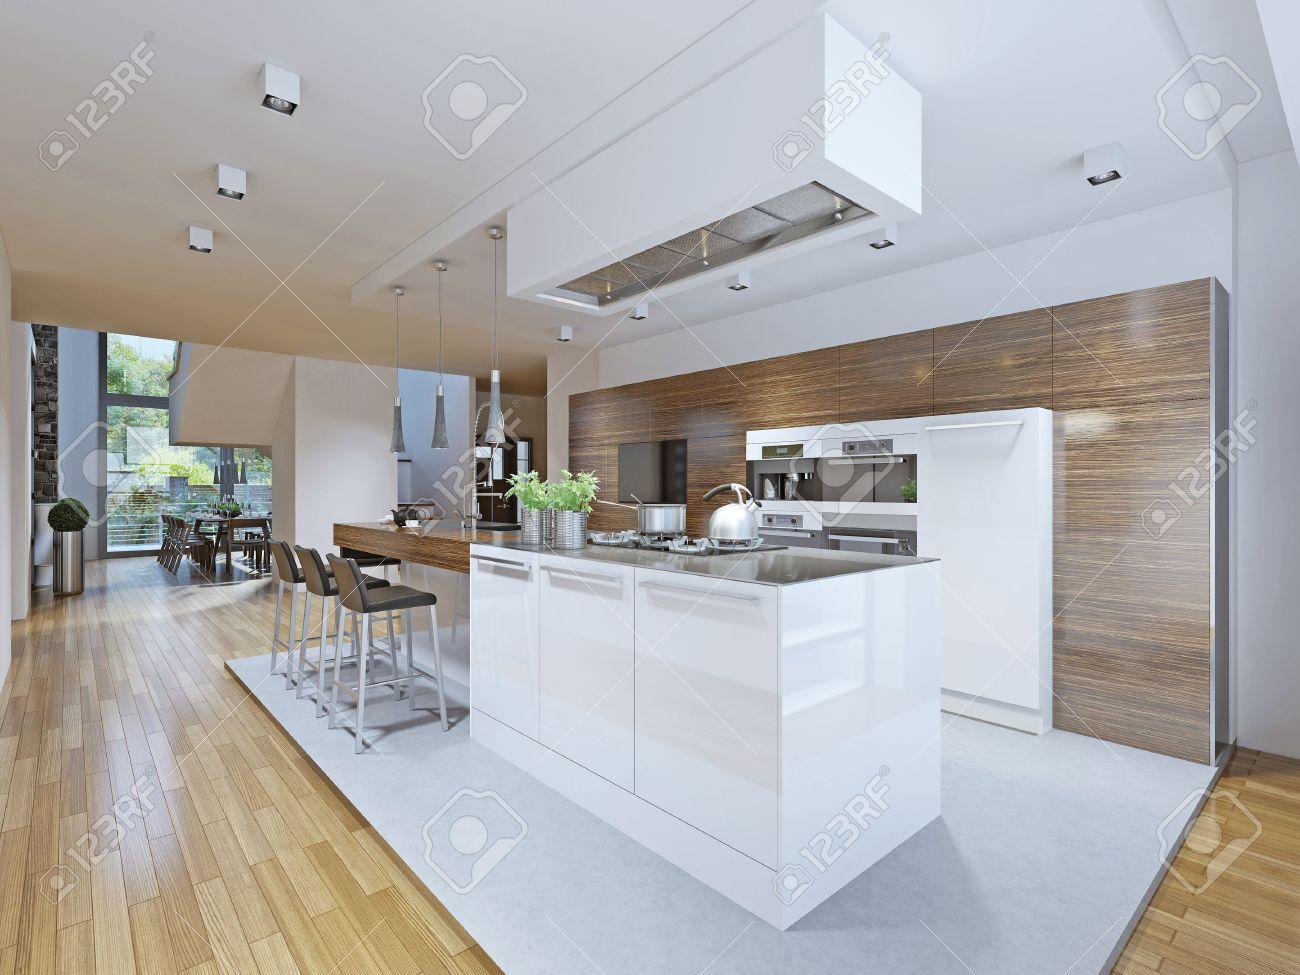 Lichte keuken avant gardistische stijl. keukenkasten en aanrecht ...